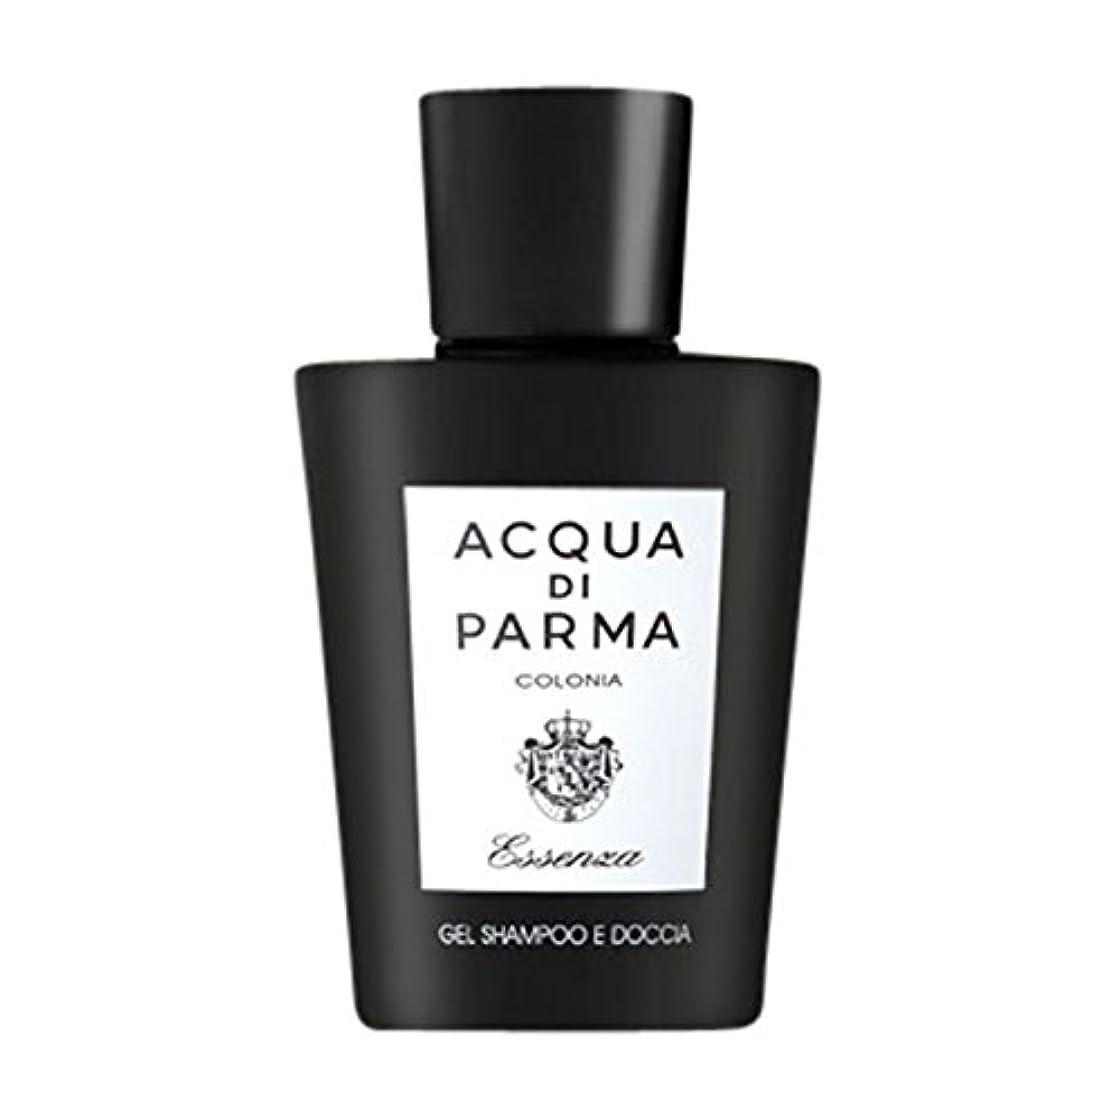 価値ふくろうランプアクアディパルマコロニアEssenza髪とシャワージェル200ミリリットル (Acqua di Parma) - Acqua di Parma Colonia Essenza Hair and Shower Gel 200ml...